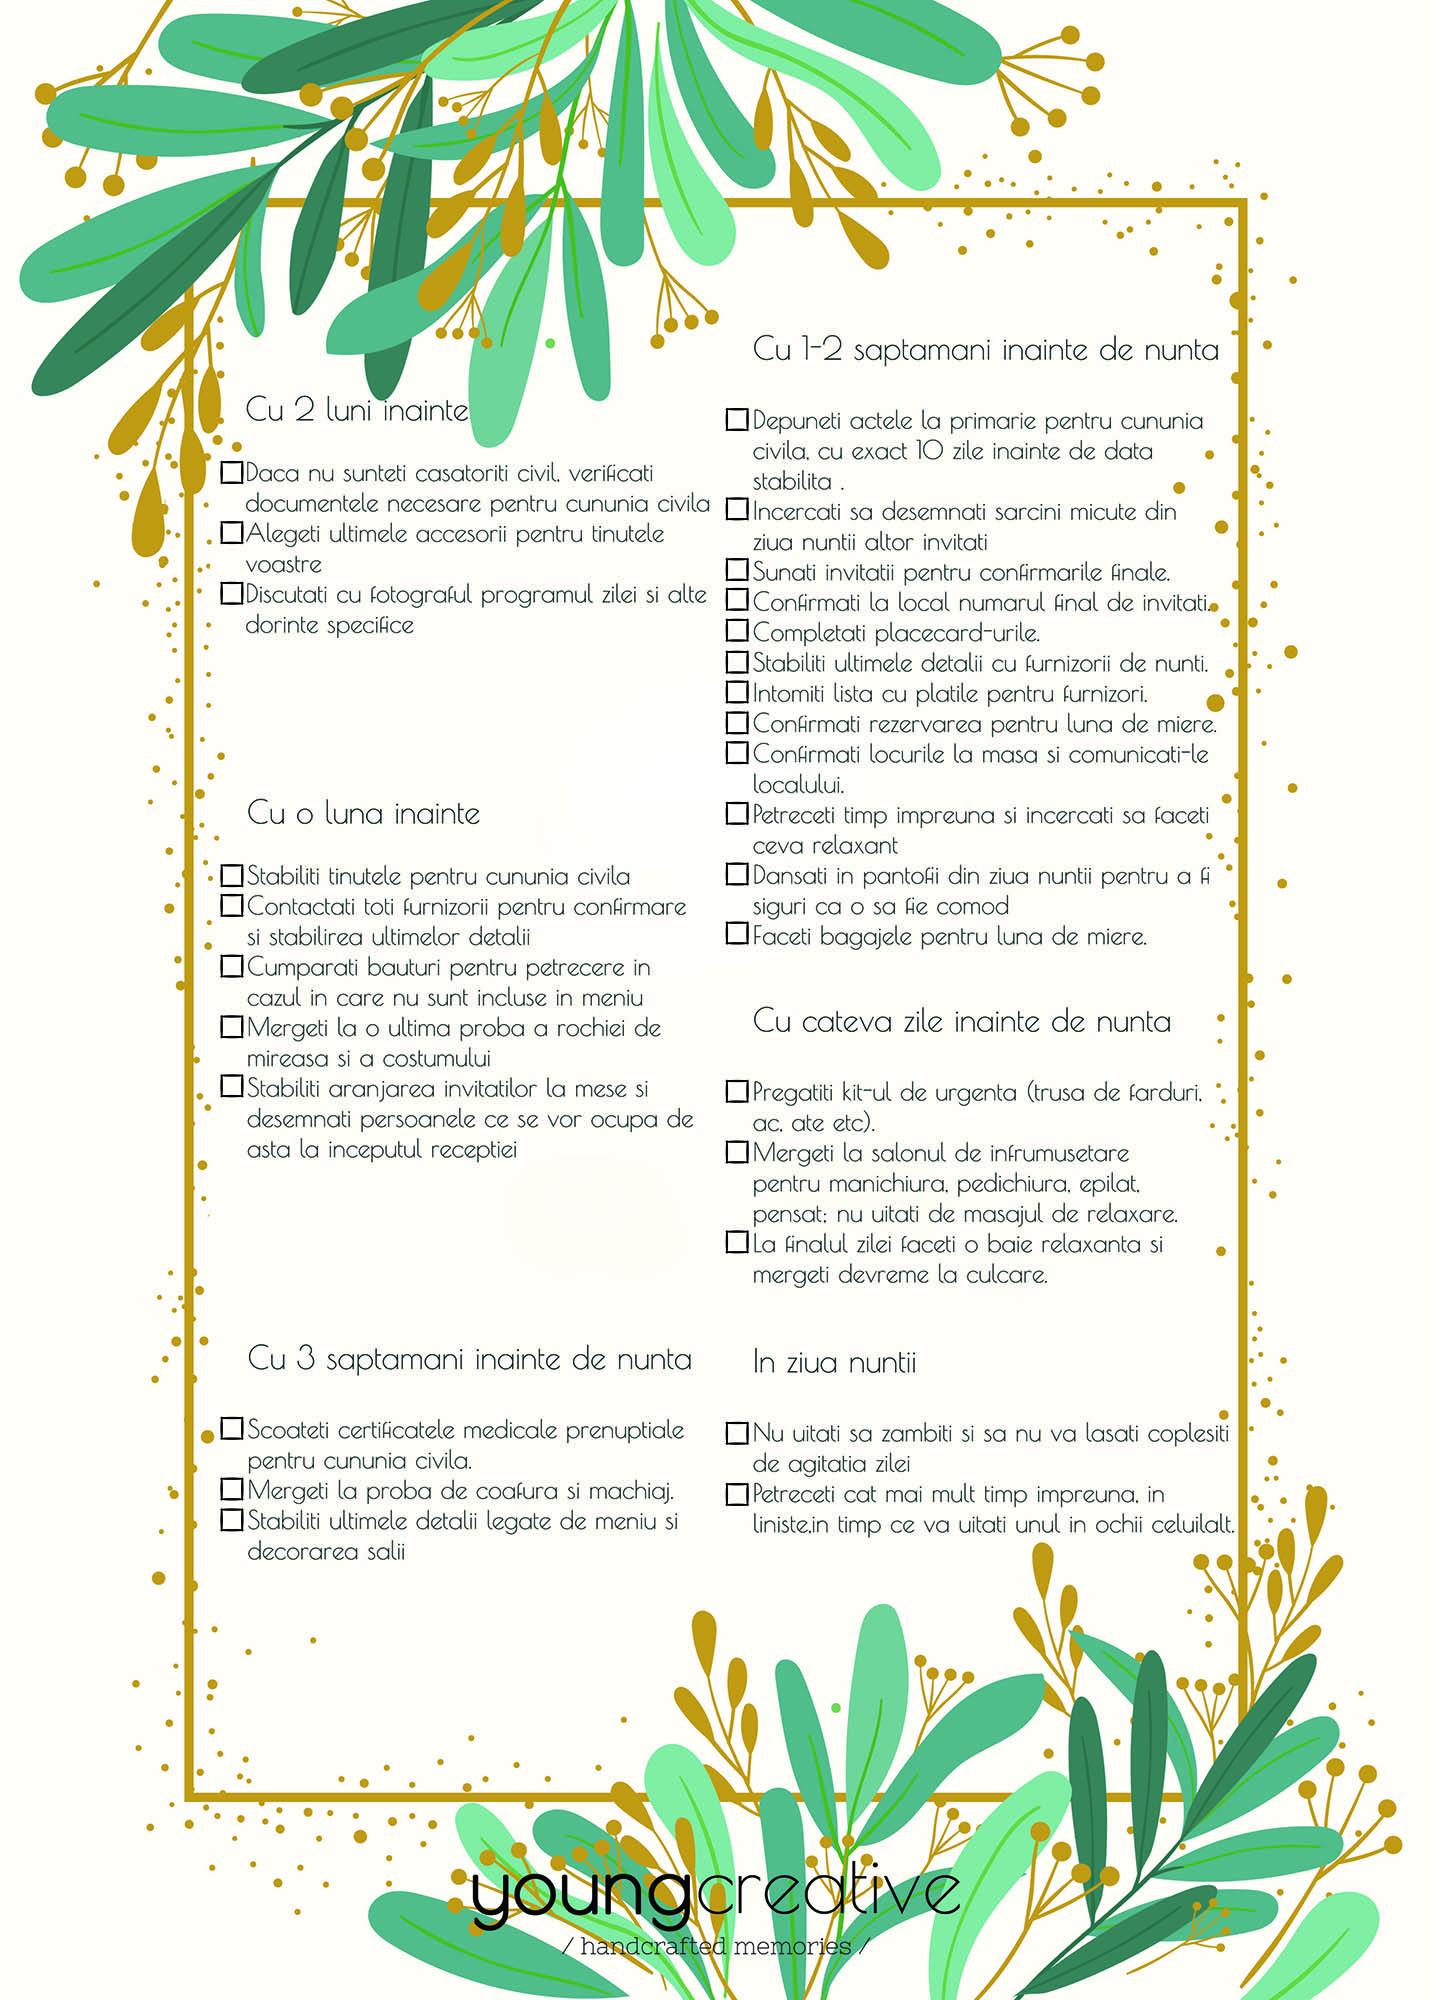 Checklist pentru planificarea nuntii | youngcreative.info media | fotograf nunta